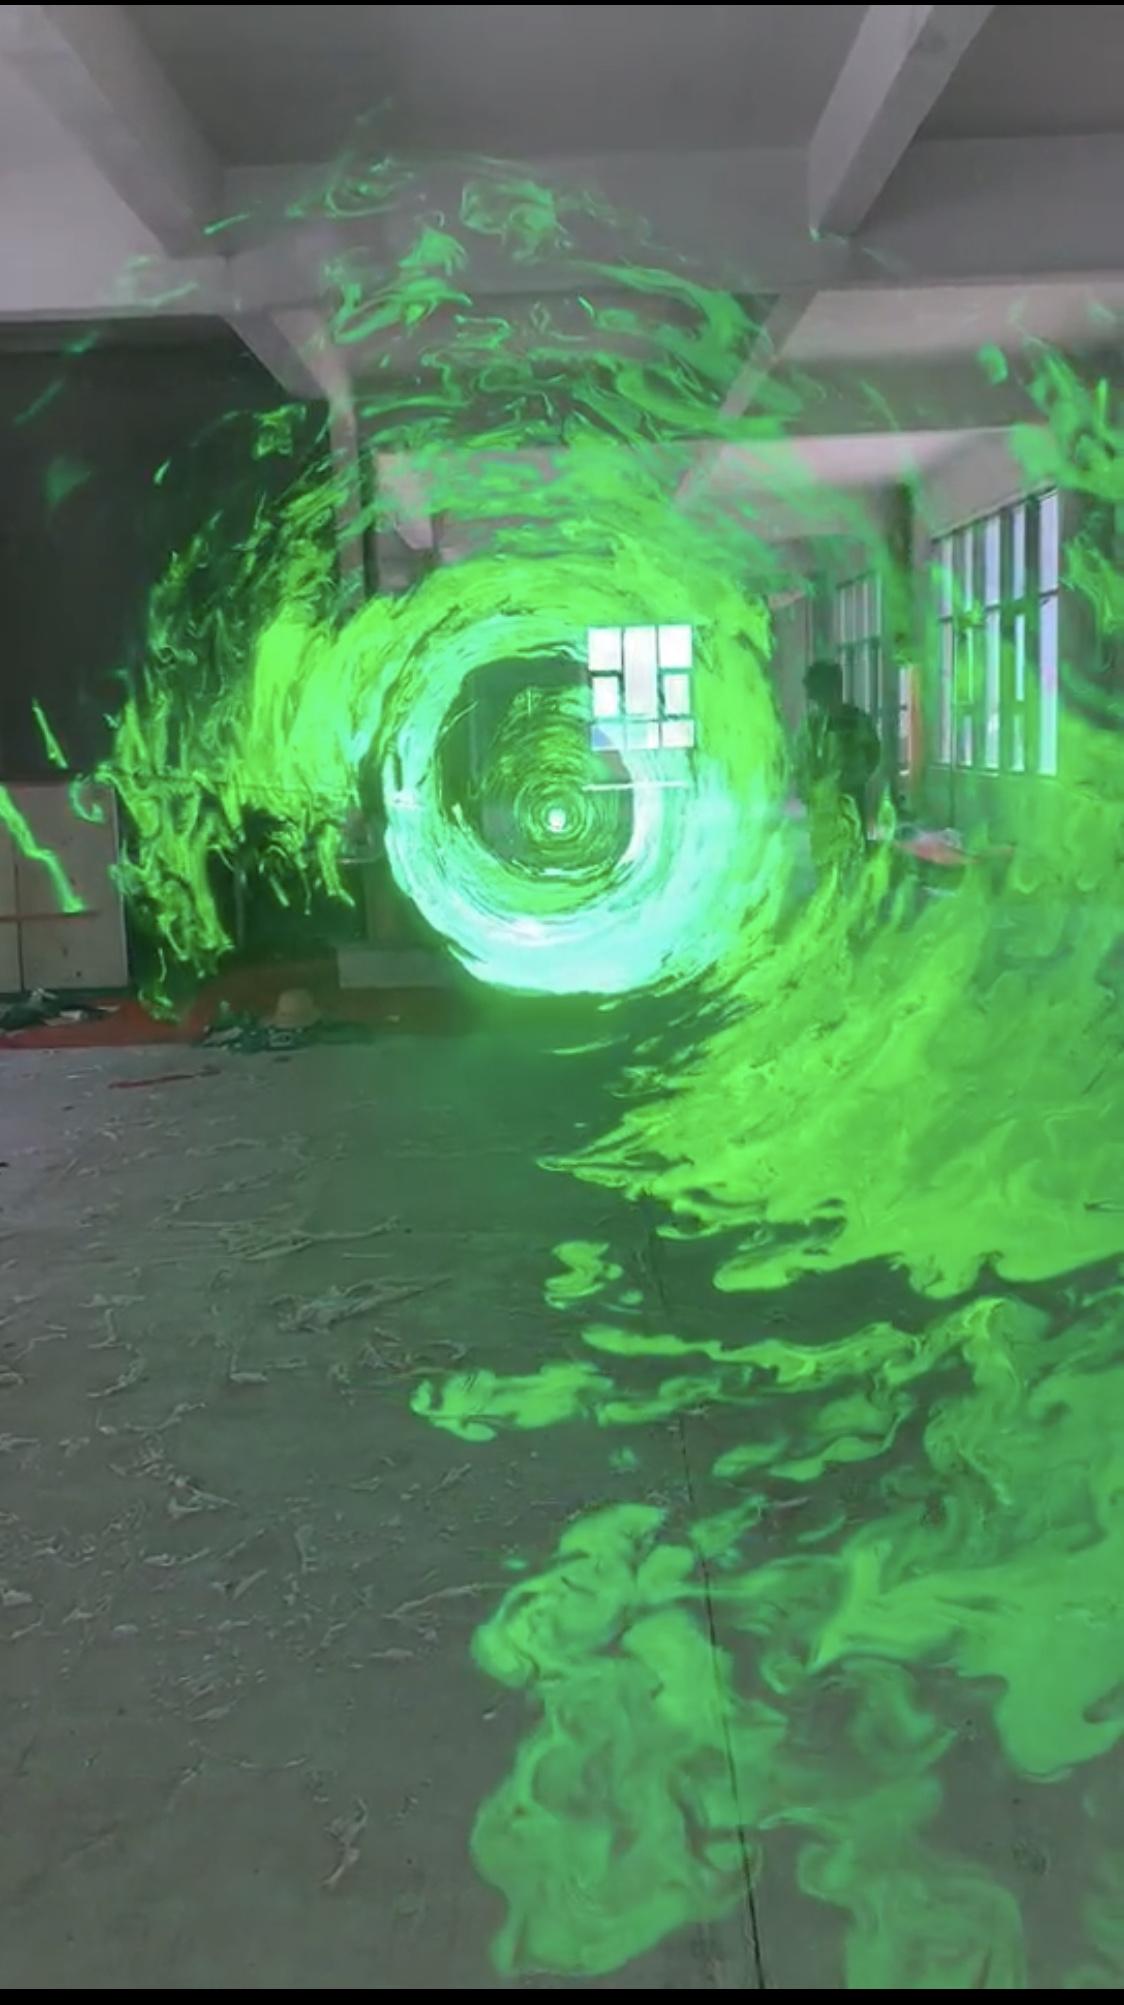 科技感十足超炫酷的全息时空隧道